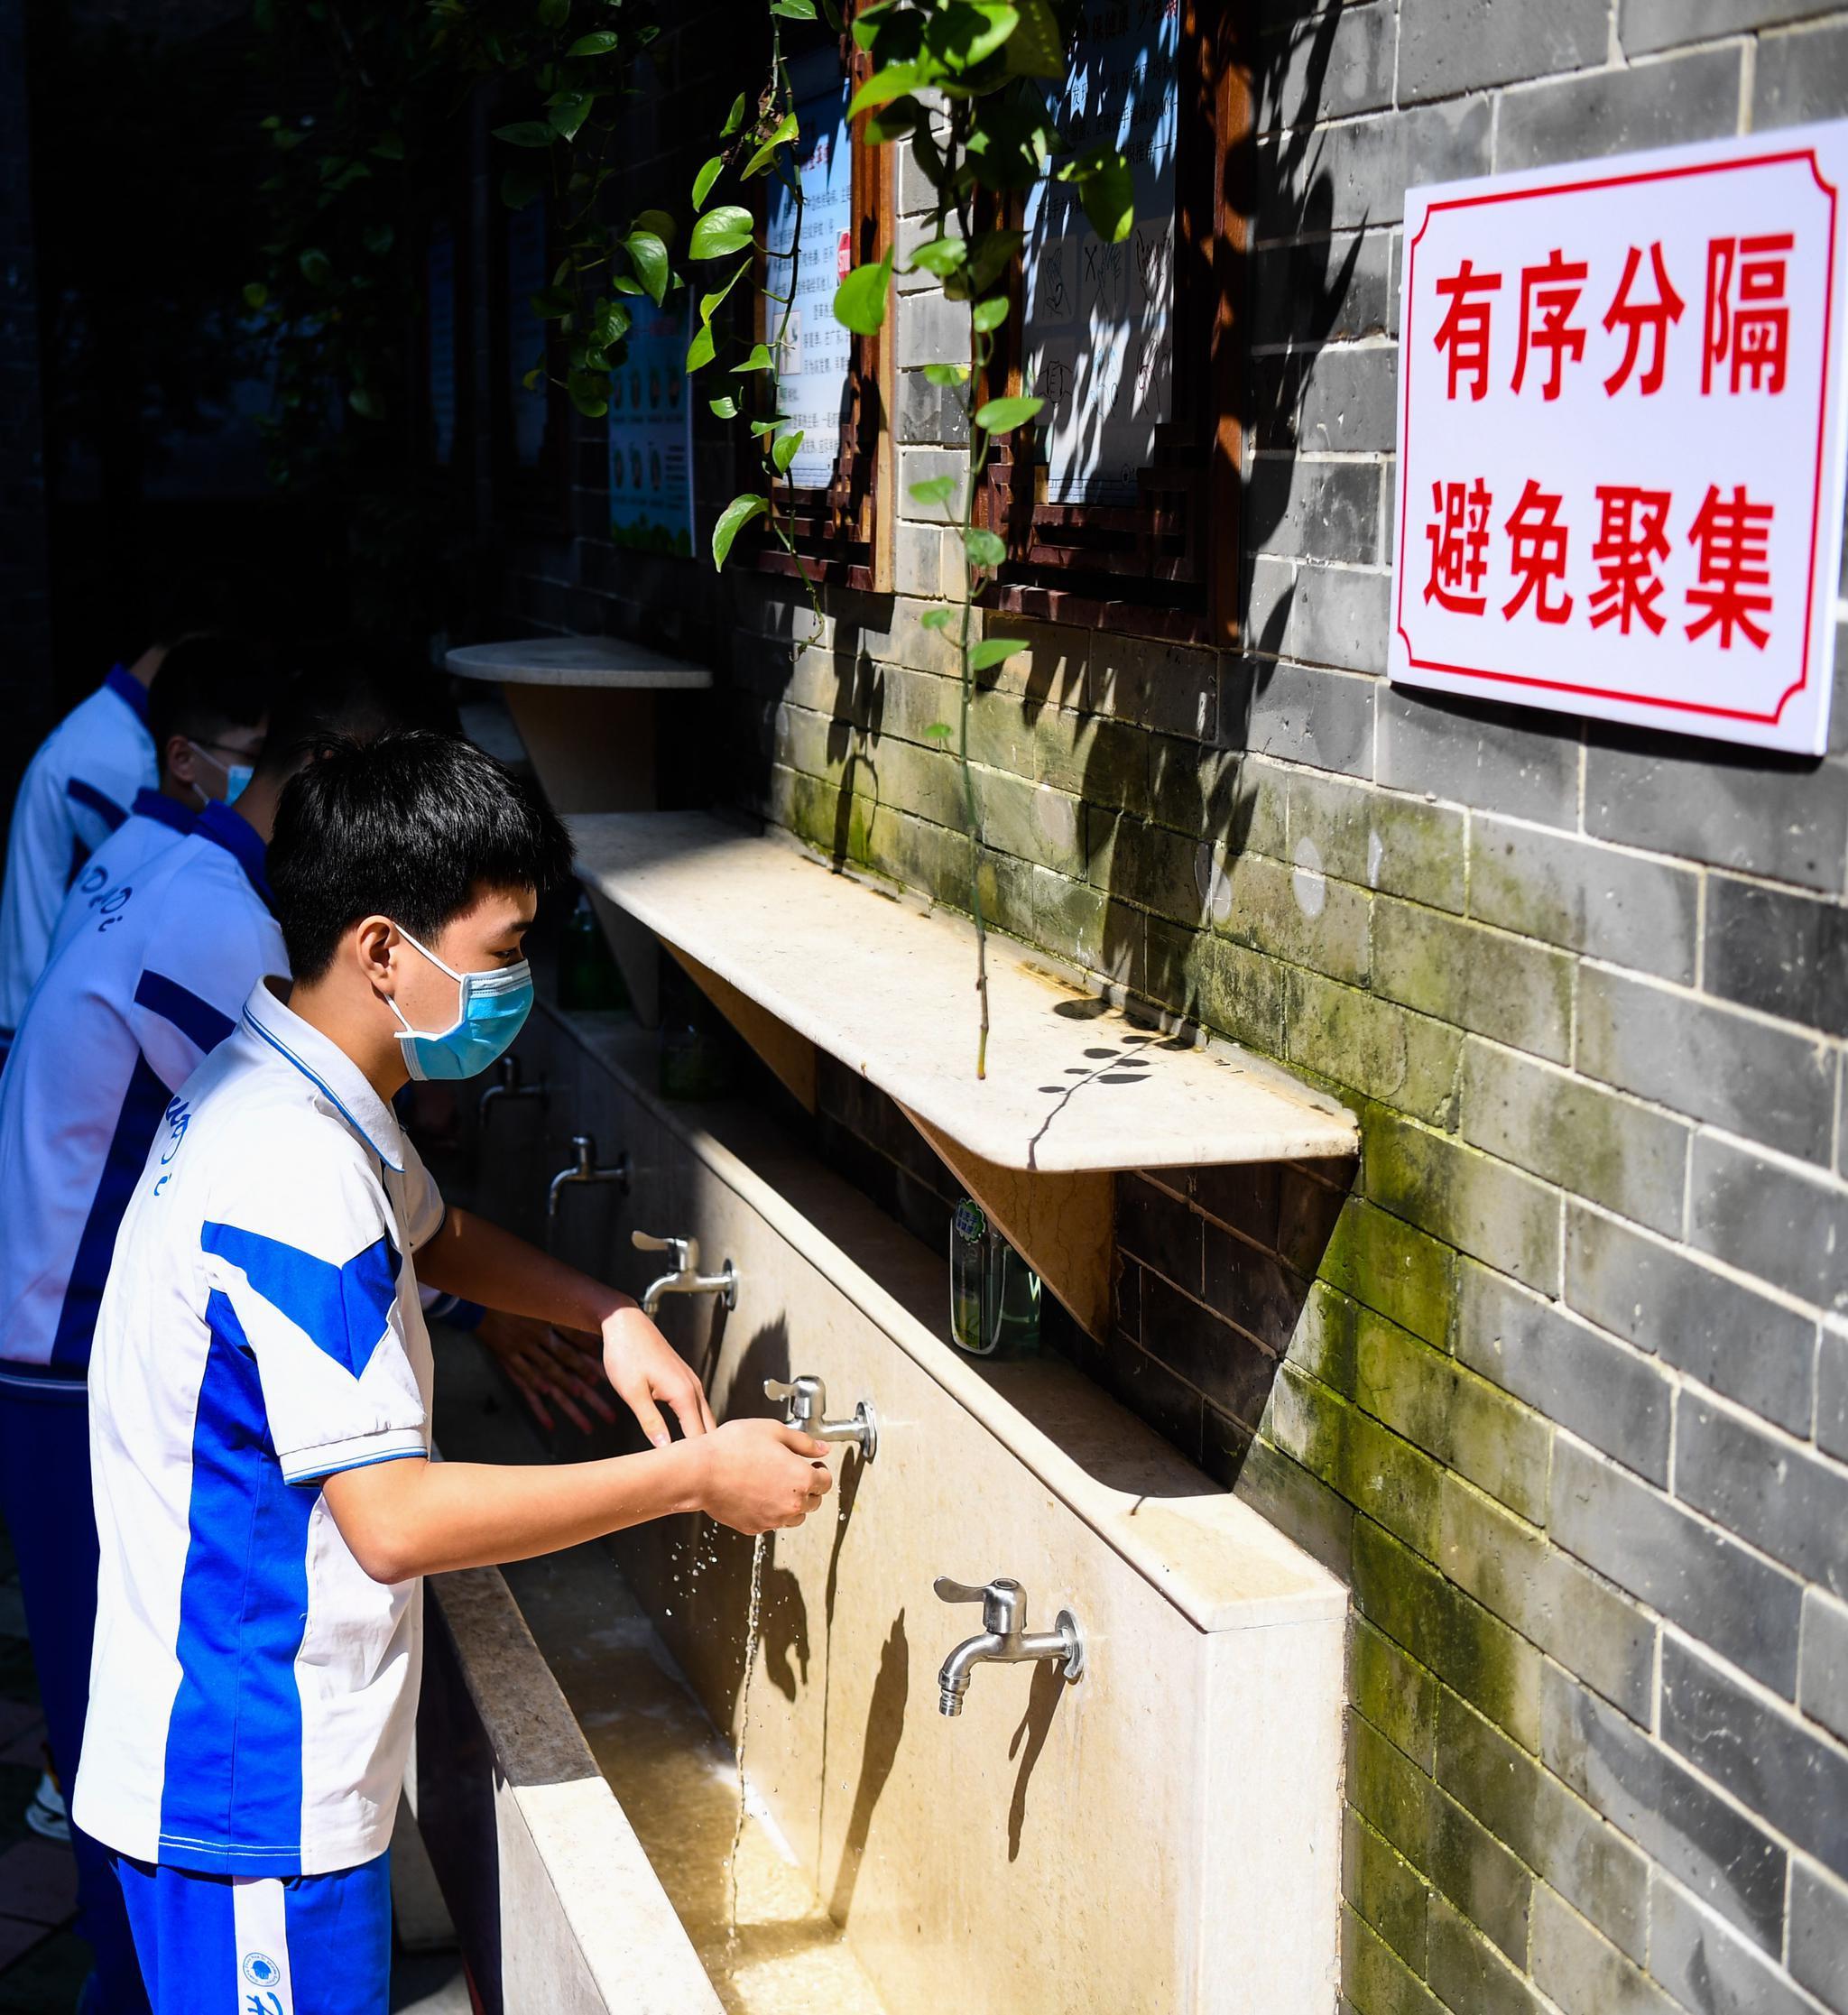 广东初三、高三复课第一天 图片泉源:新华社